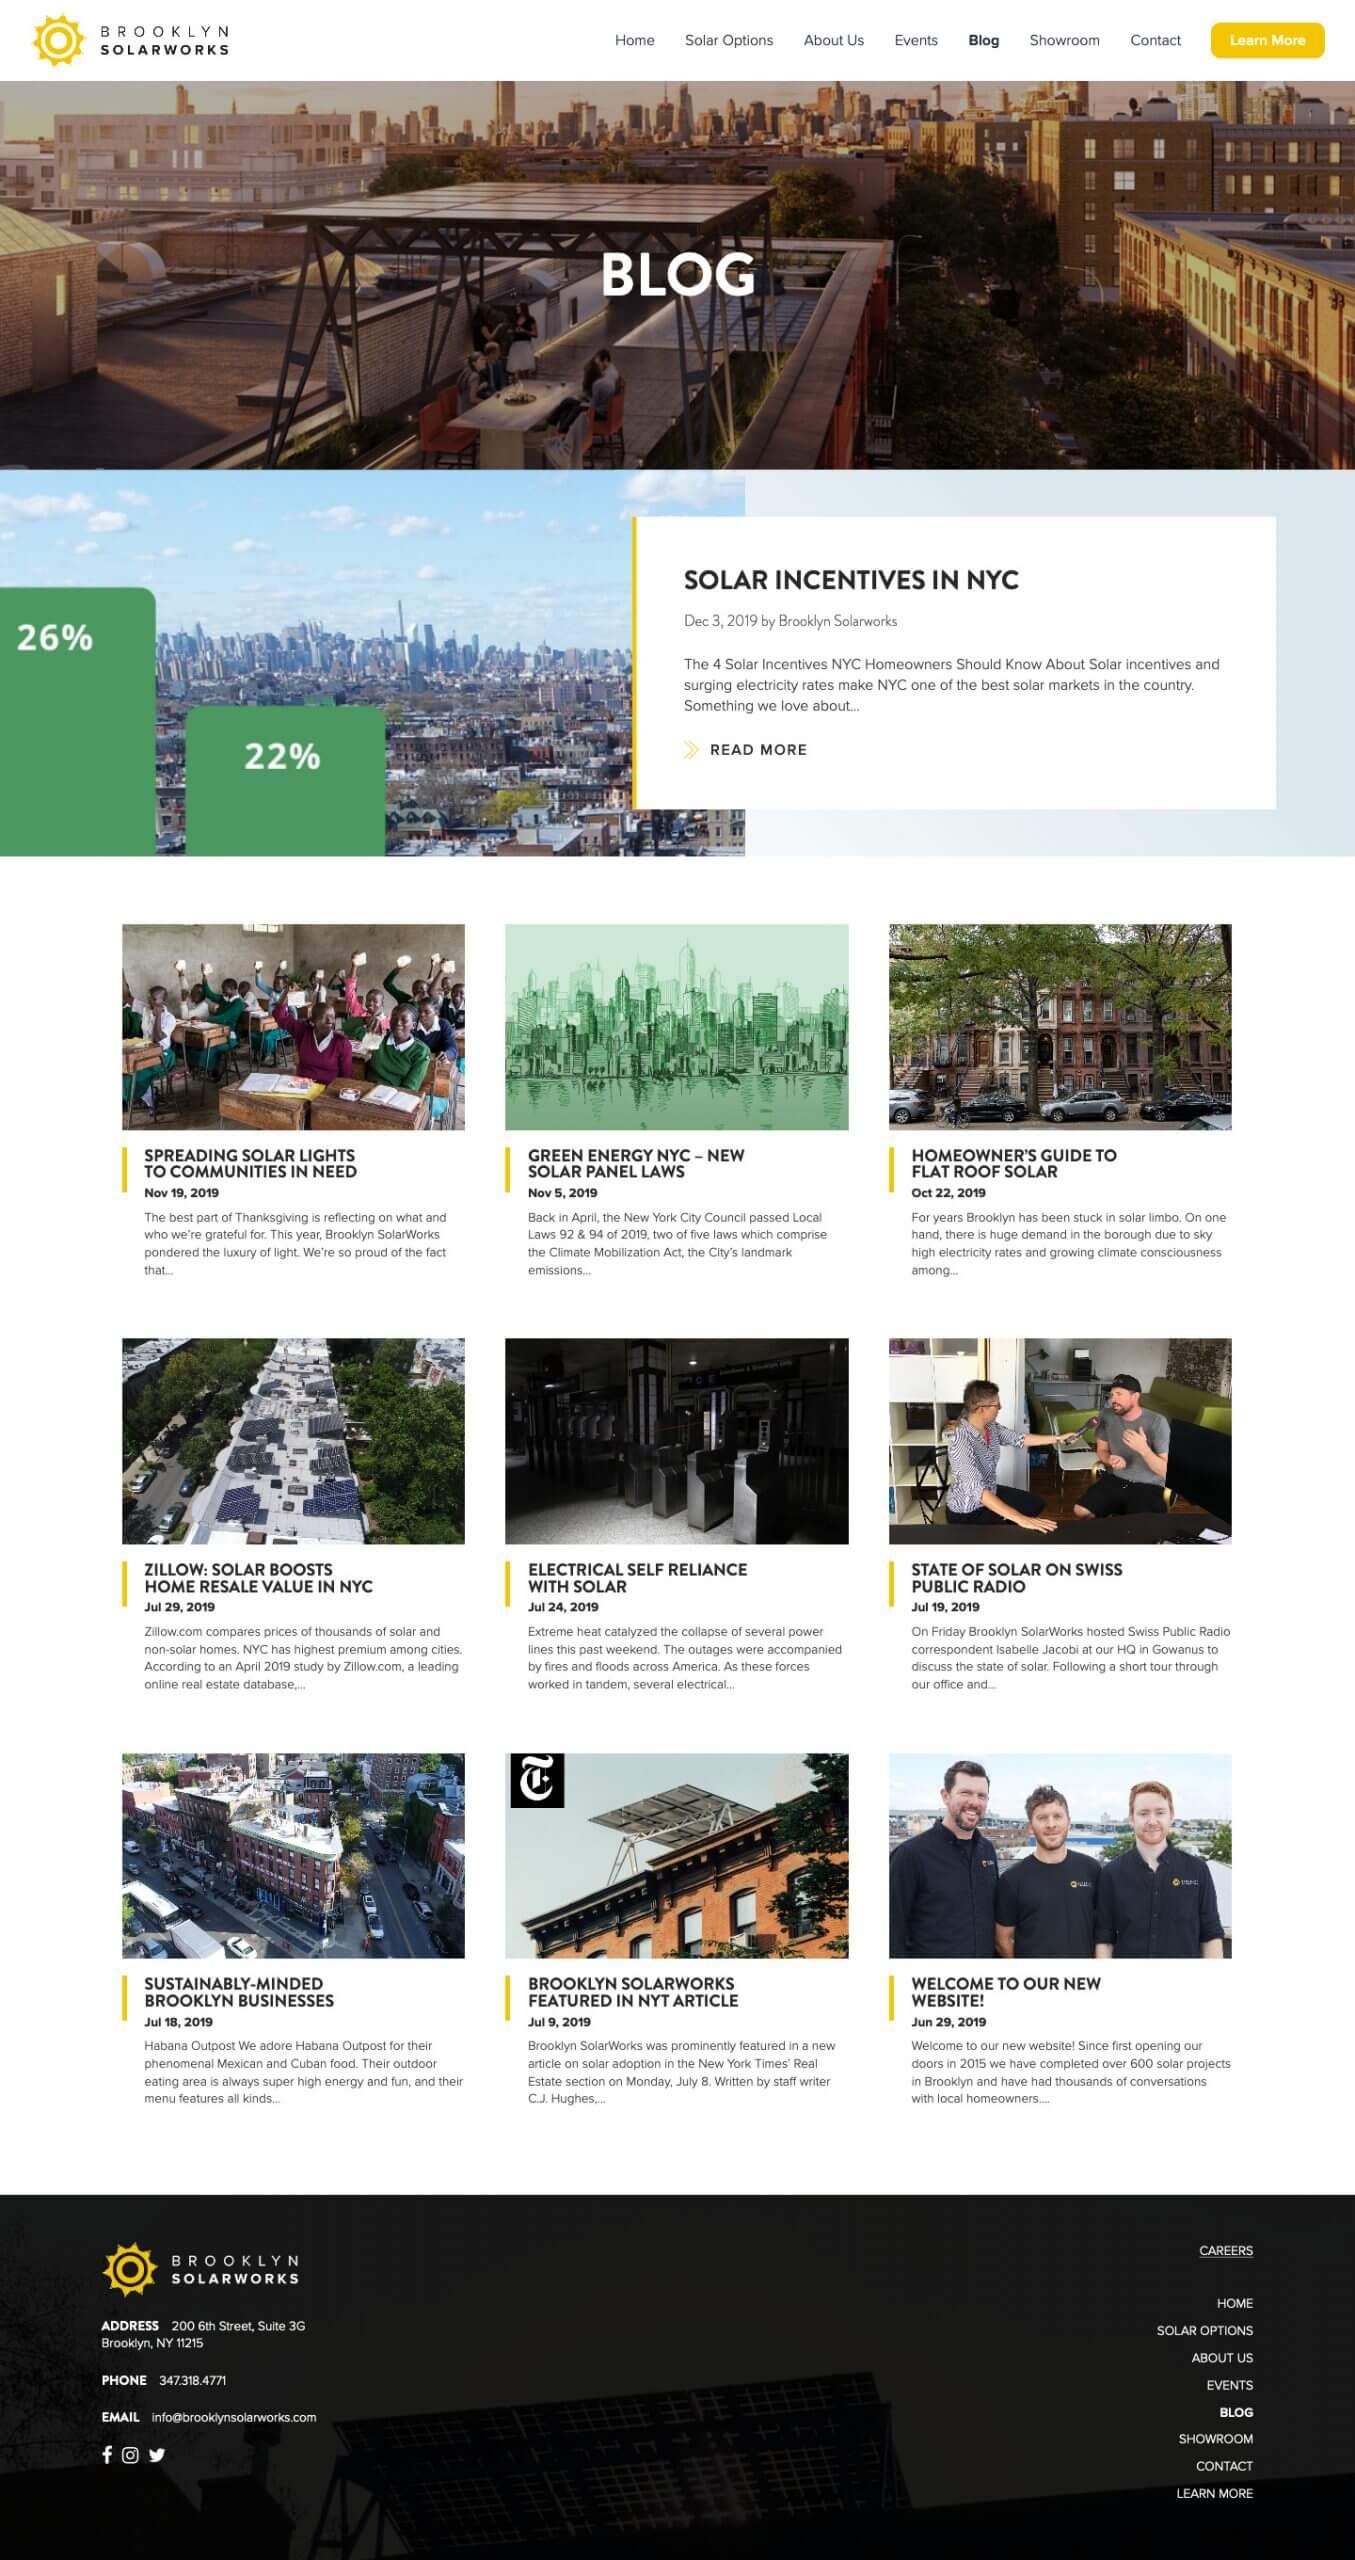 brooklyn solarworks 2 brooklyn web design bushwick design